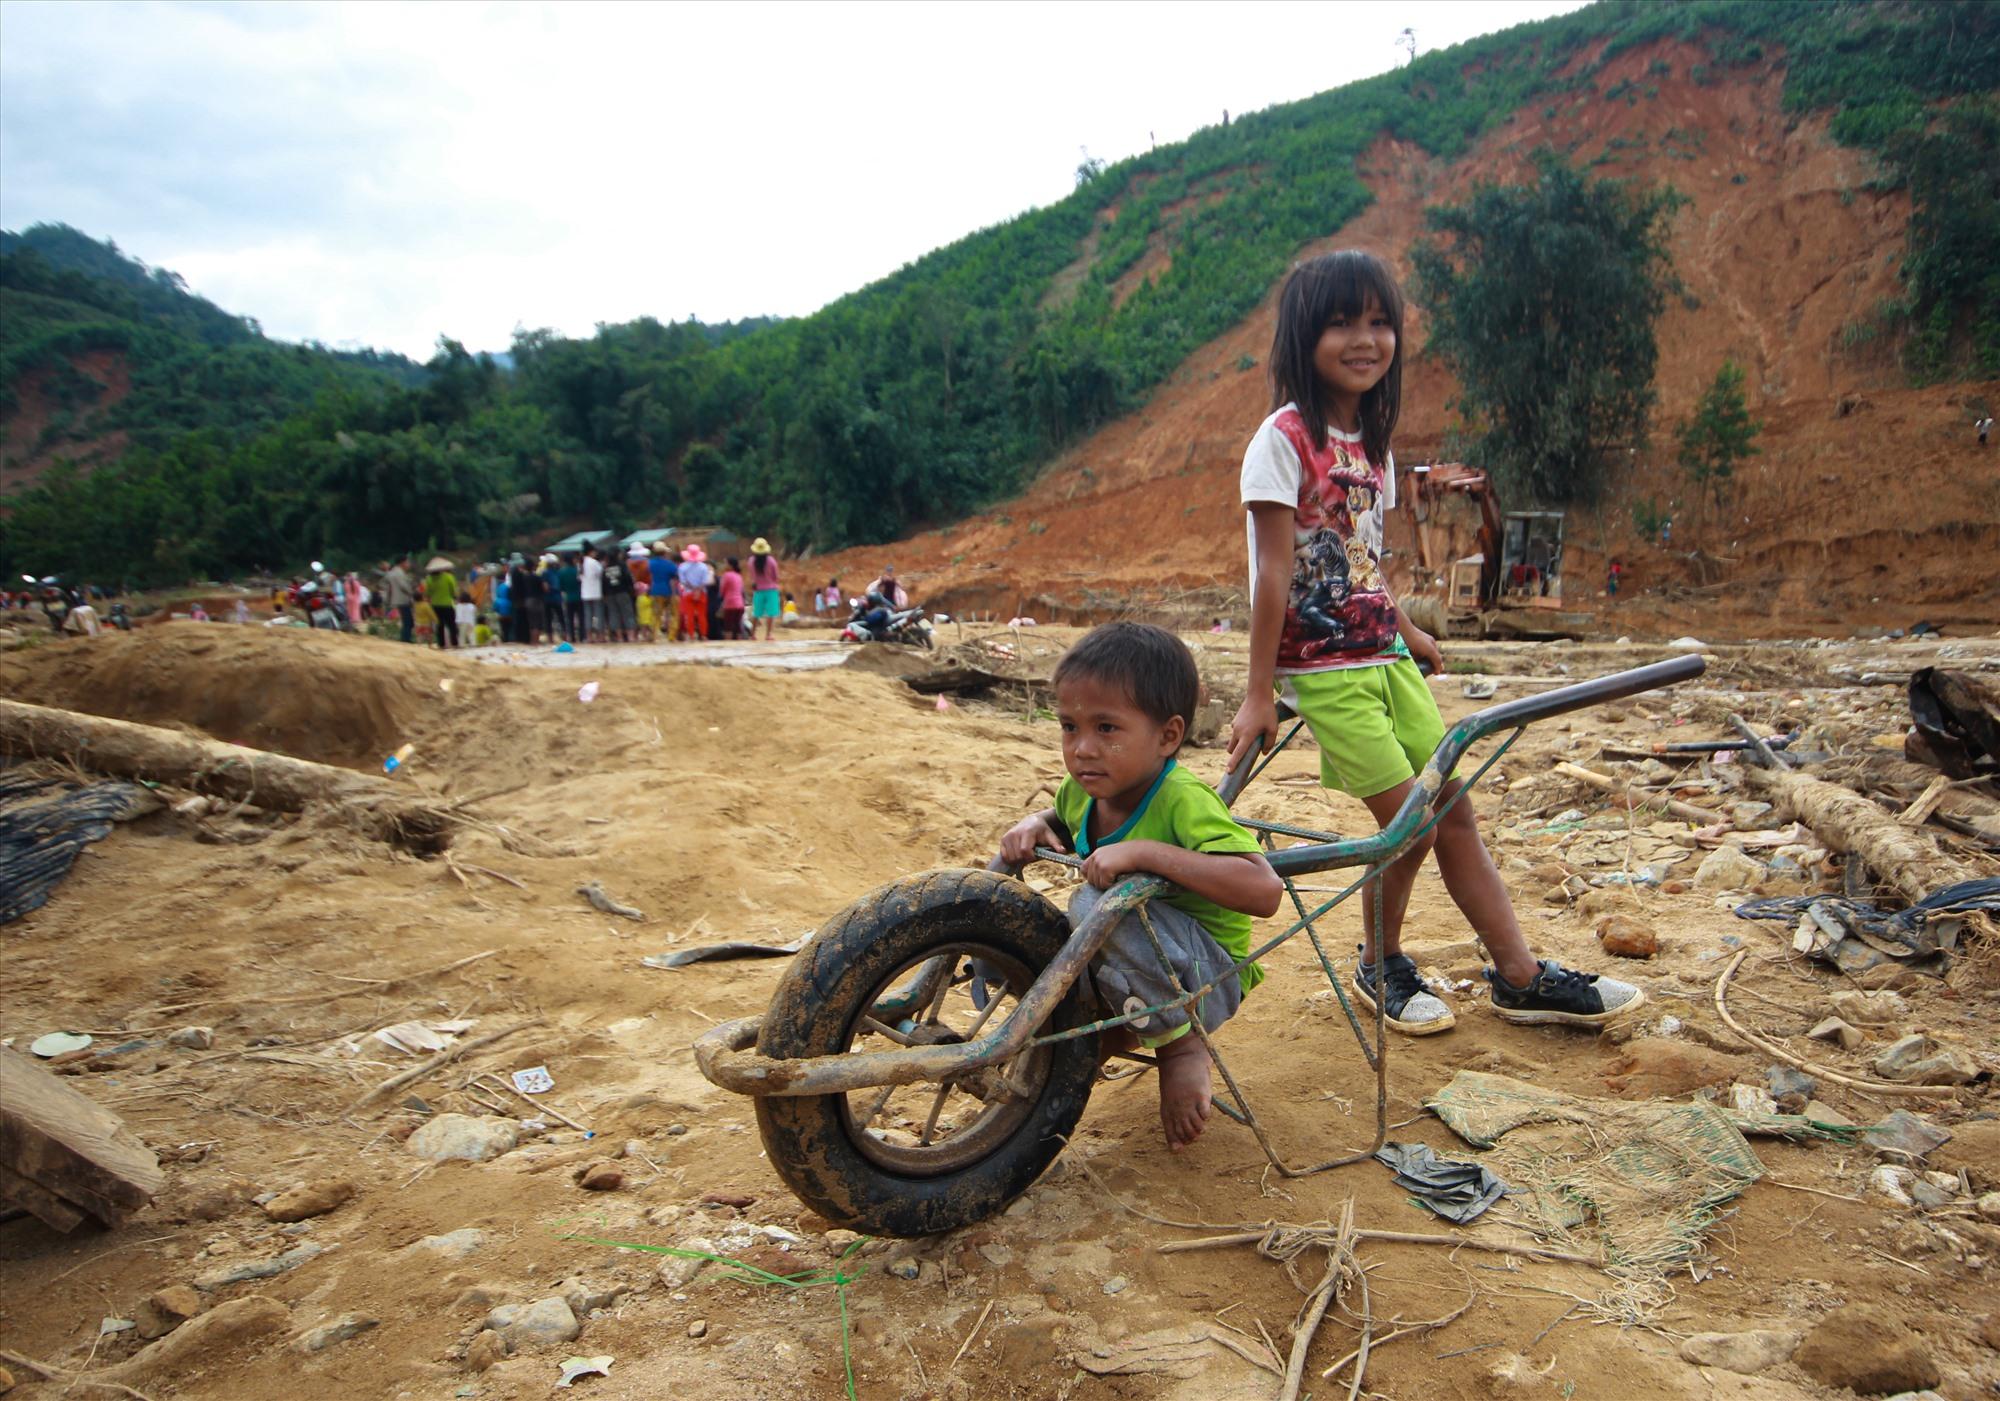 Hai em nhỏ thôn Trà Văn A lấy chiếc xe đẩy làm đồ chơi. Chiếc xe đẩy này bị hỏng sau khi được lôi ra từ đống bùn đất. Ảnh: T.C